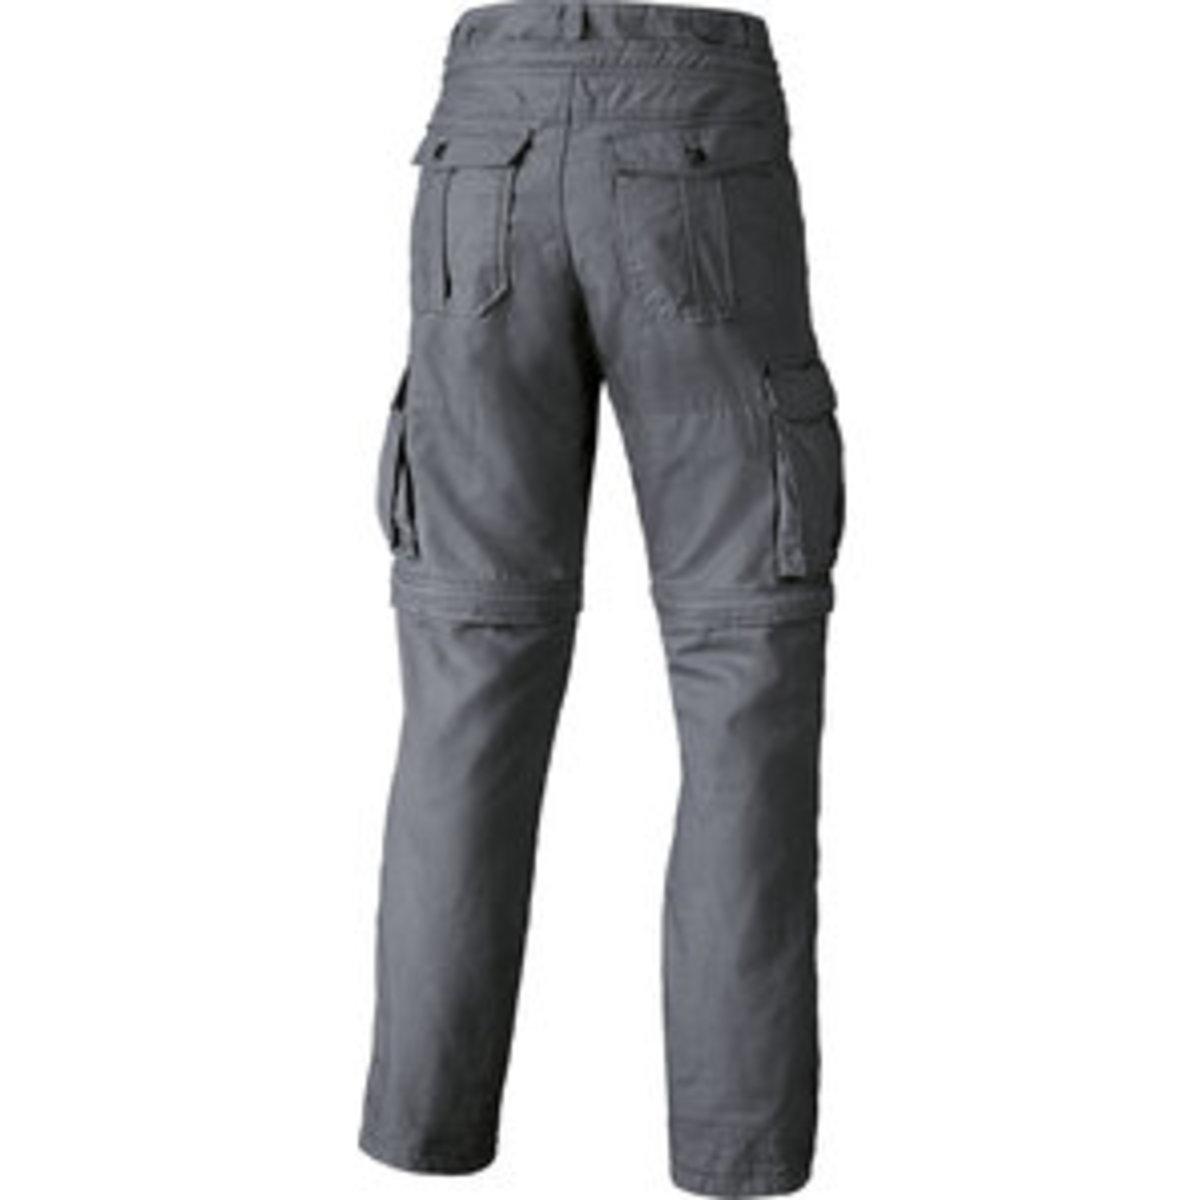 Bild 3 von Held Marph 6703 Cargo        Textilhose